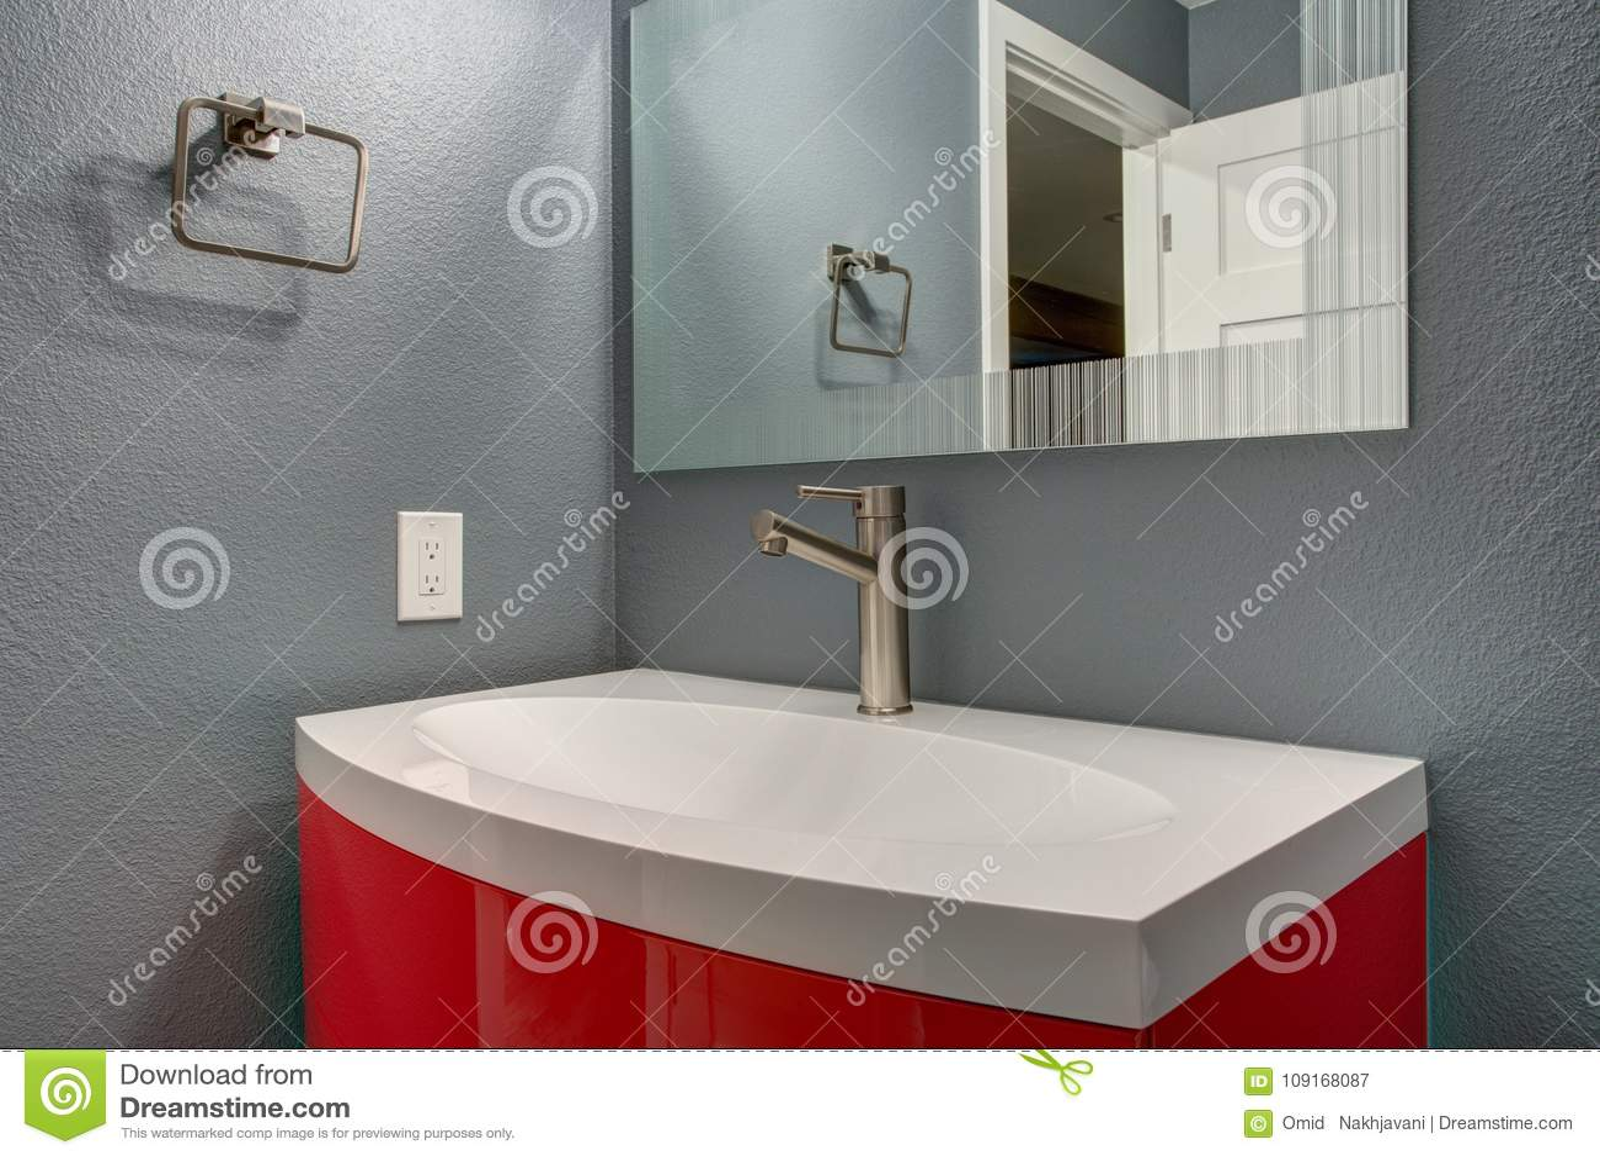 Progettare Il Bagno Di Casa : Progettazione grigia e rossa del bagno in rinnovato di recente a